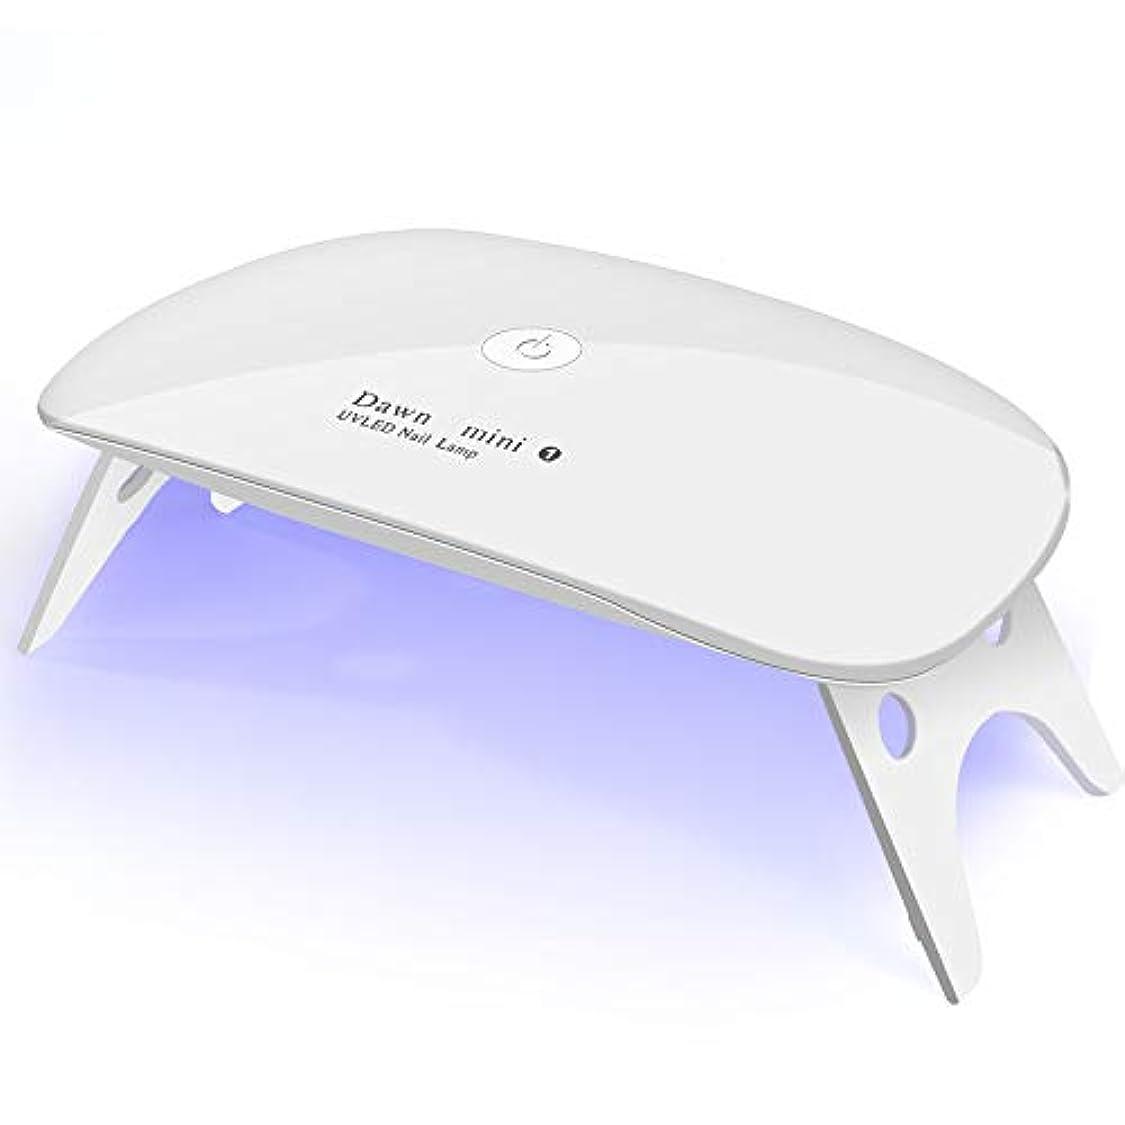 ましい神聖ジャンピングジャックUVライト LEDネイルドライヤー ジェルネイルLEDライト 硬化ライト タイマー設定可能 折りたたみ式手足とも使える 人感センサー式 UV と LEDダブルライト ジェルネイル用 (ホワイト )